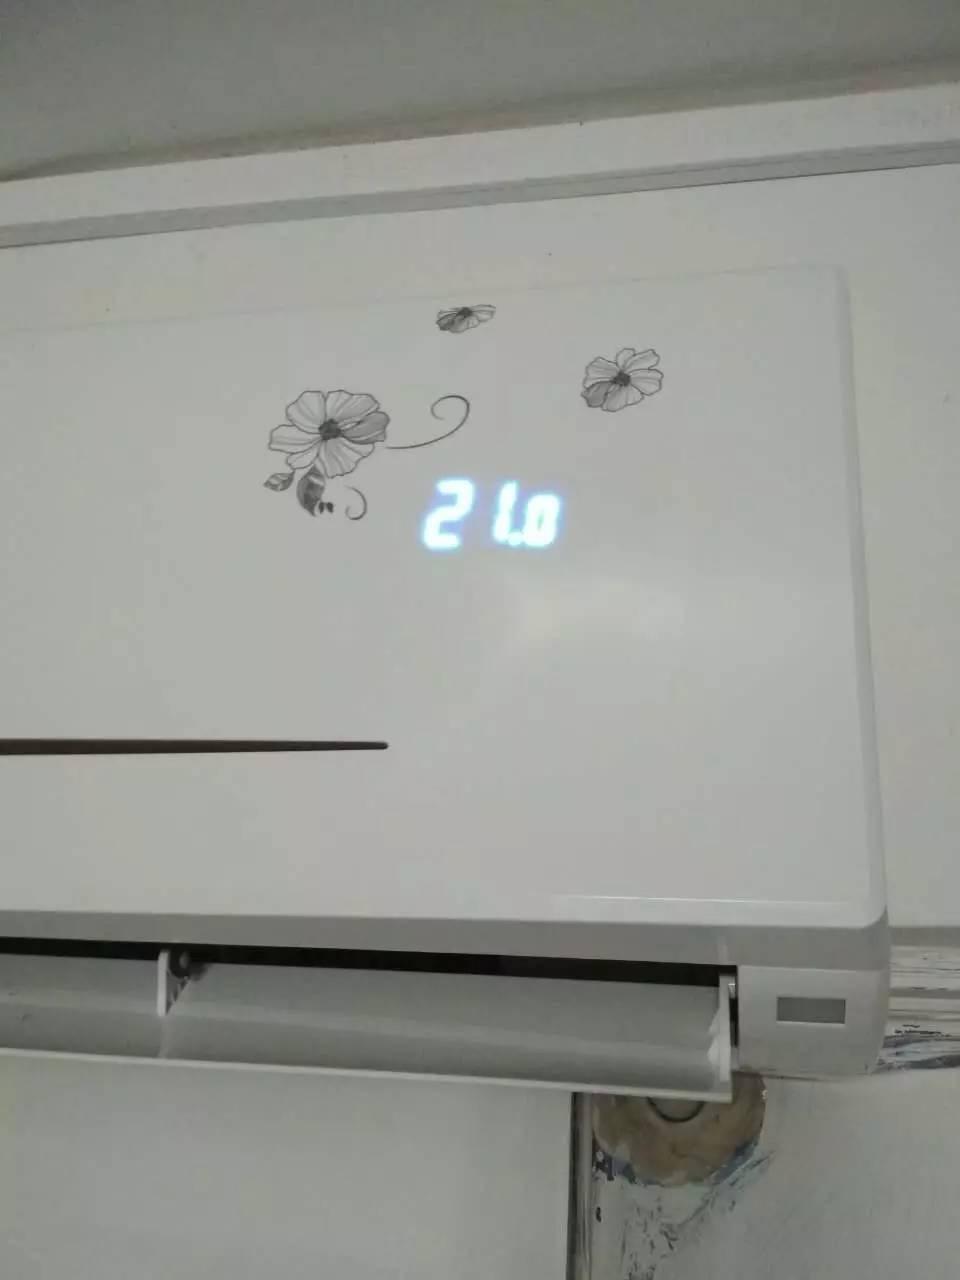 永顺家电维修部精修电视 洗衣机 空调 冰箱热水器